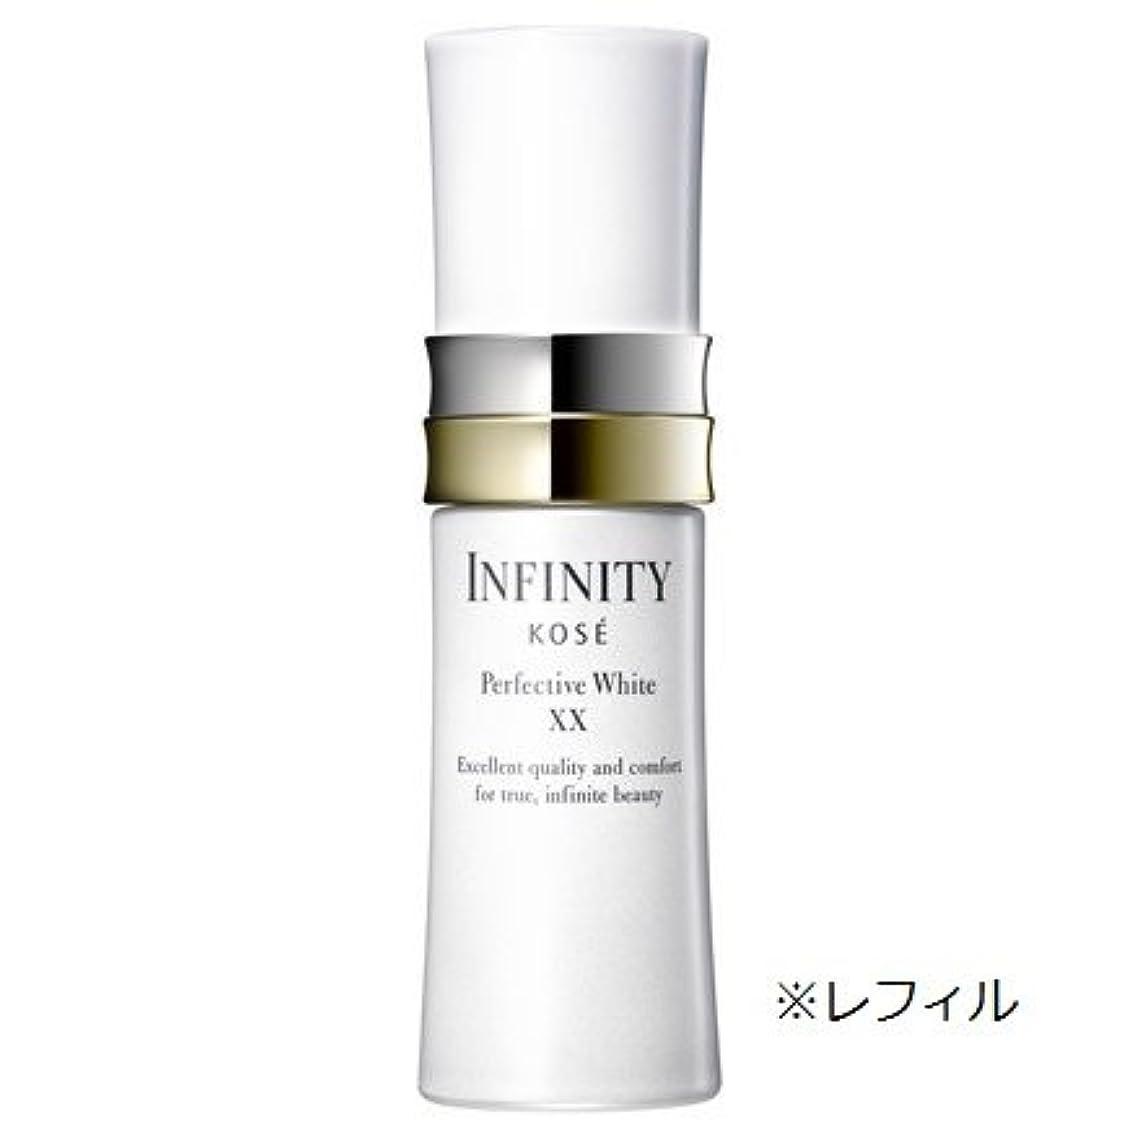 カバーゲージマエストロインフィニティ パーフェクティブ ホワイト XX (美白美容液) 40ml ※付けかえ用